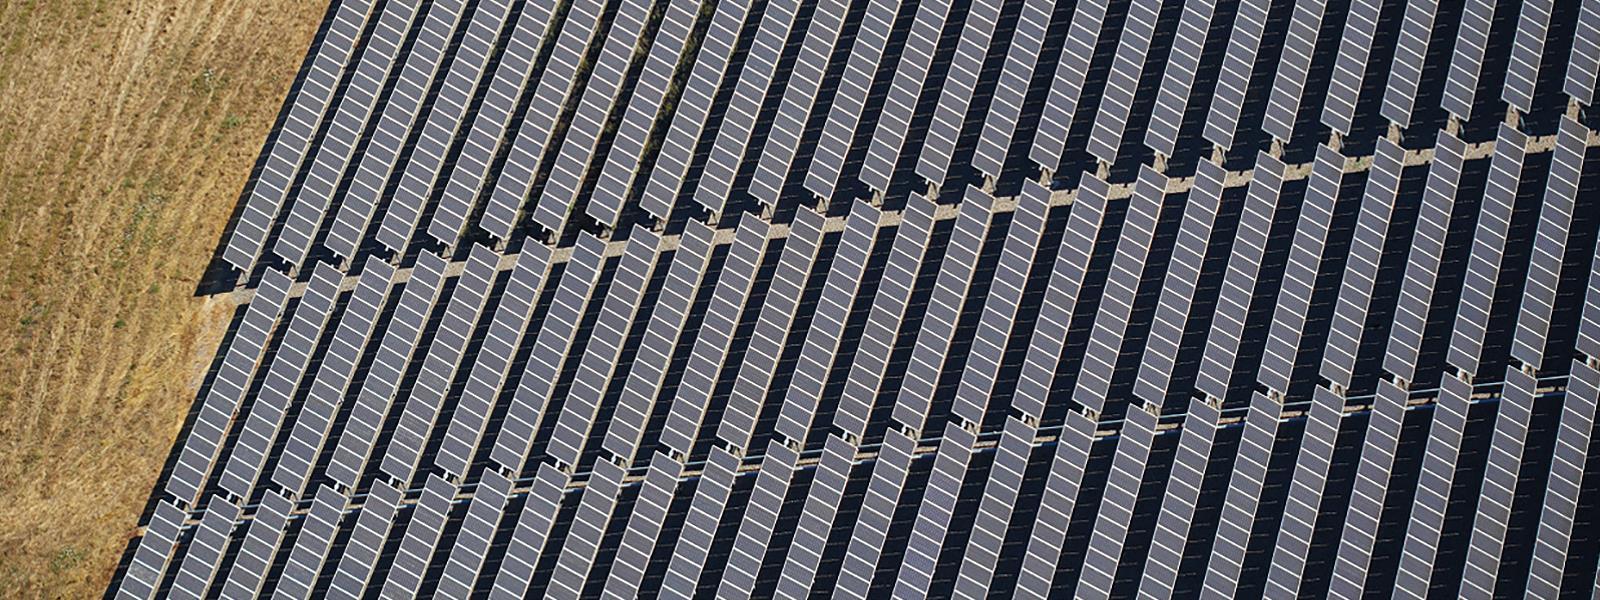 A massive array of solar panels.